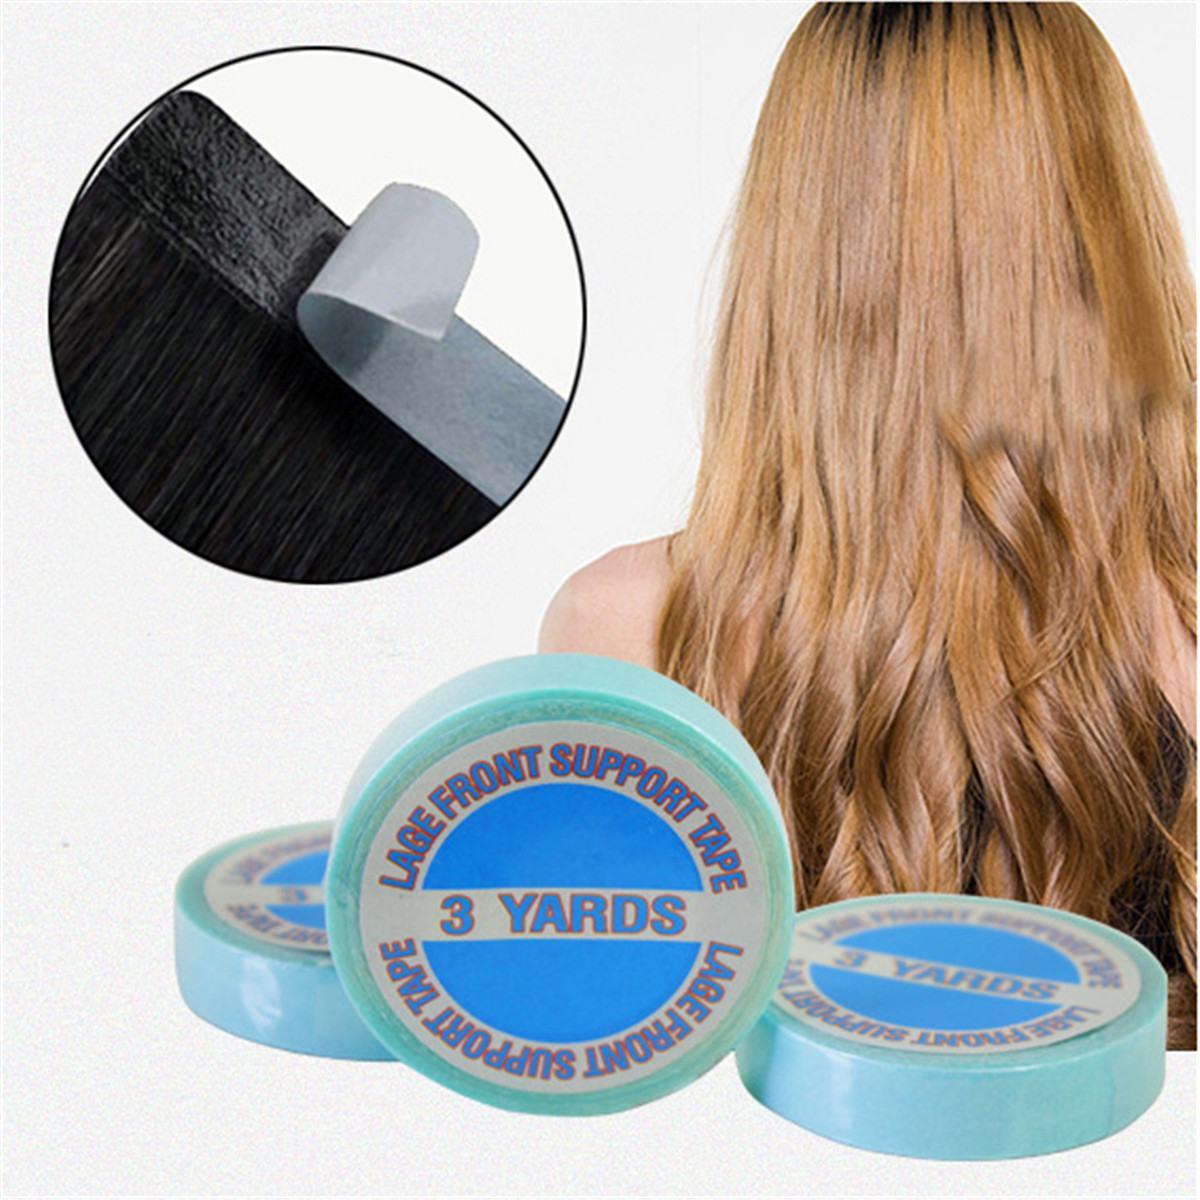 Водонепроницаемая двусторонняя клейкая лента для наращивания волос, 1 шт., 300 см, высокое качество